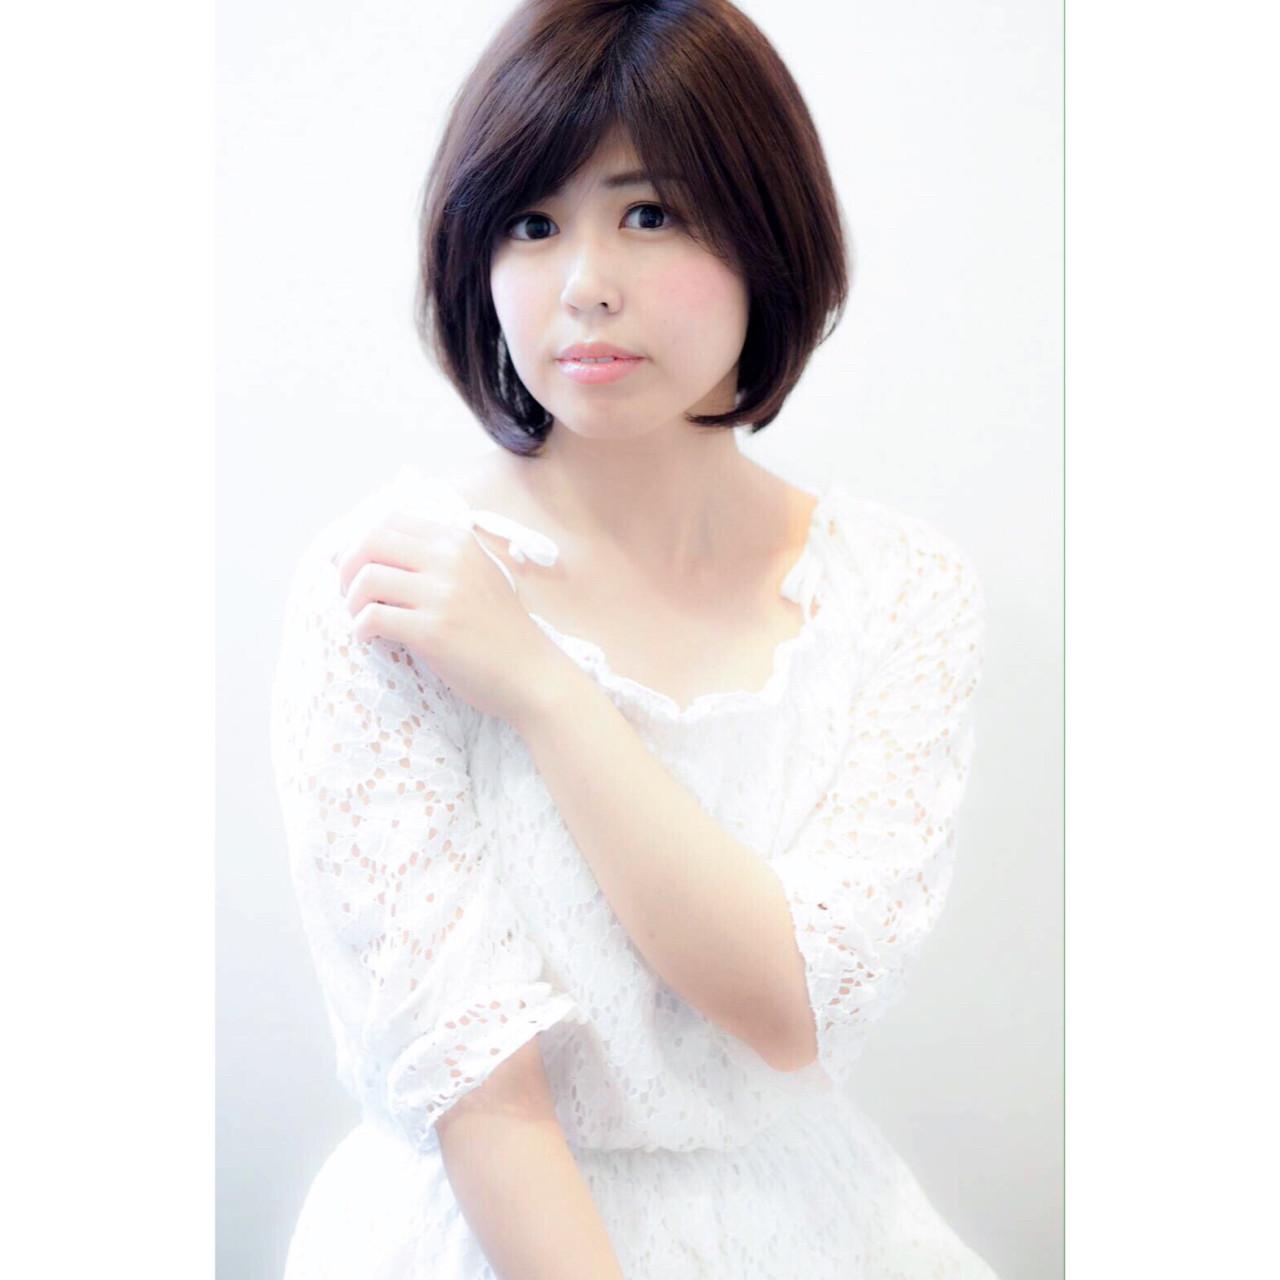 大人女子 抜け感 ショート ナチュラル ヘアスタイルや髪型の写真・画像 | のりちゃん /